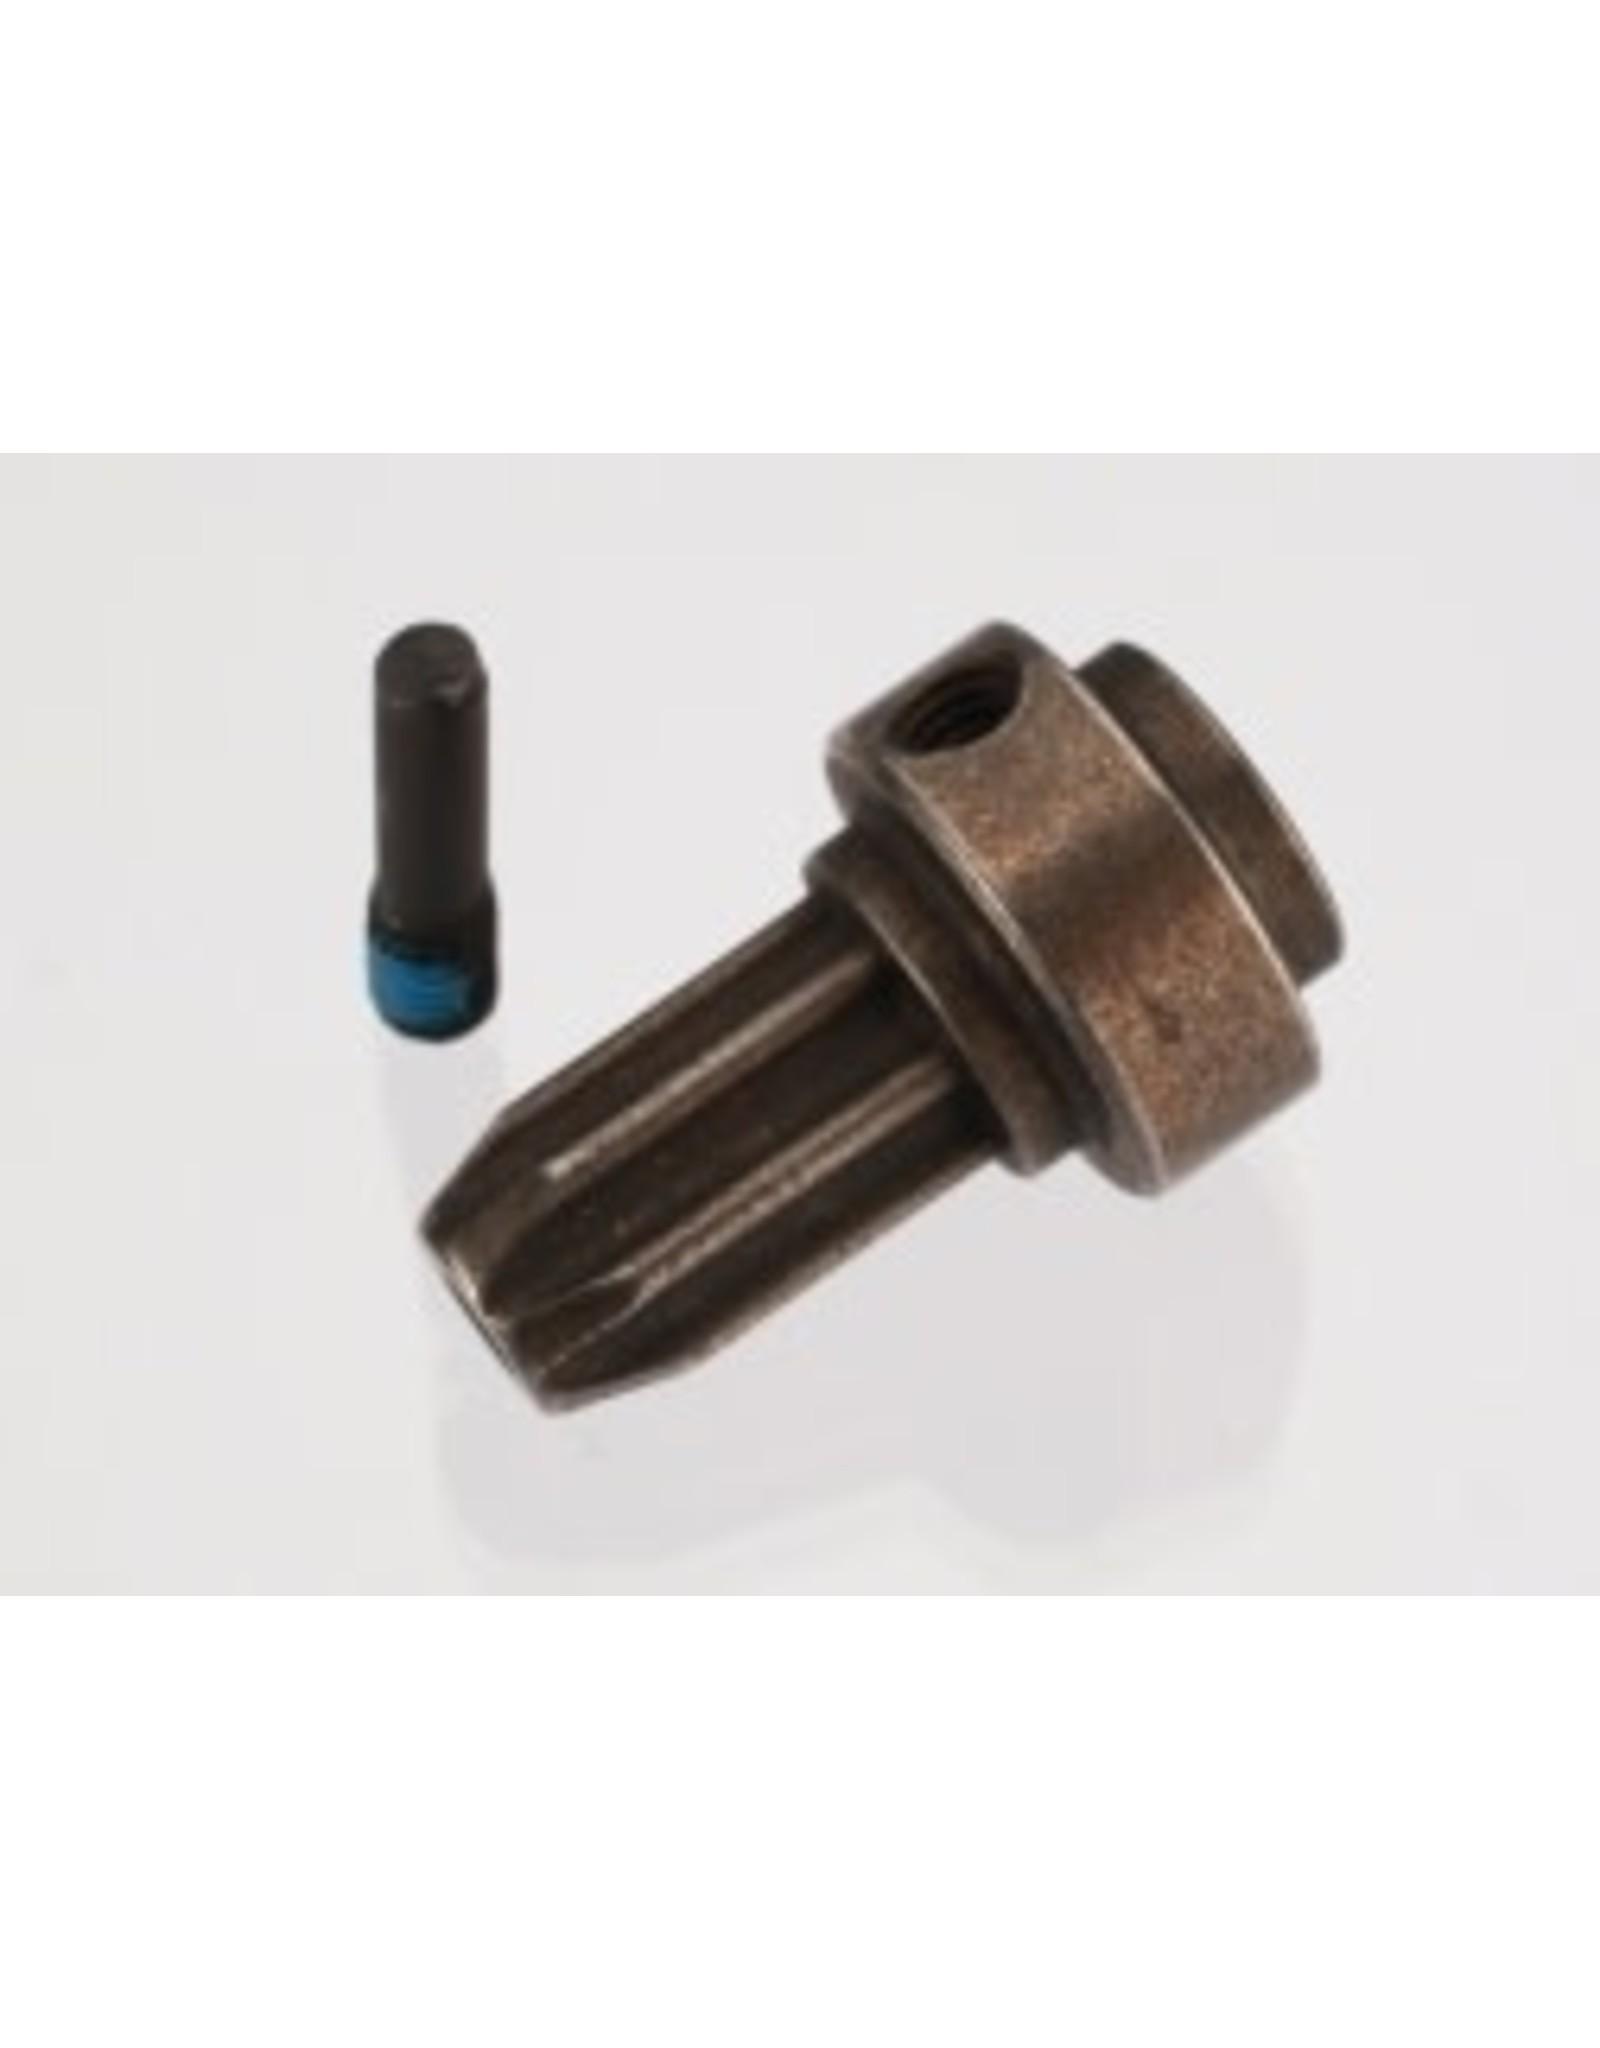 Traxxas [Drive hub, front, hardened steel (1)/ screw pin (1)] Drive hub, front, hardened steel (1)/ screw pin (1)